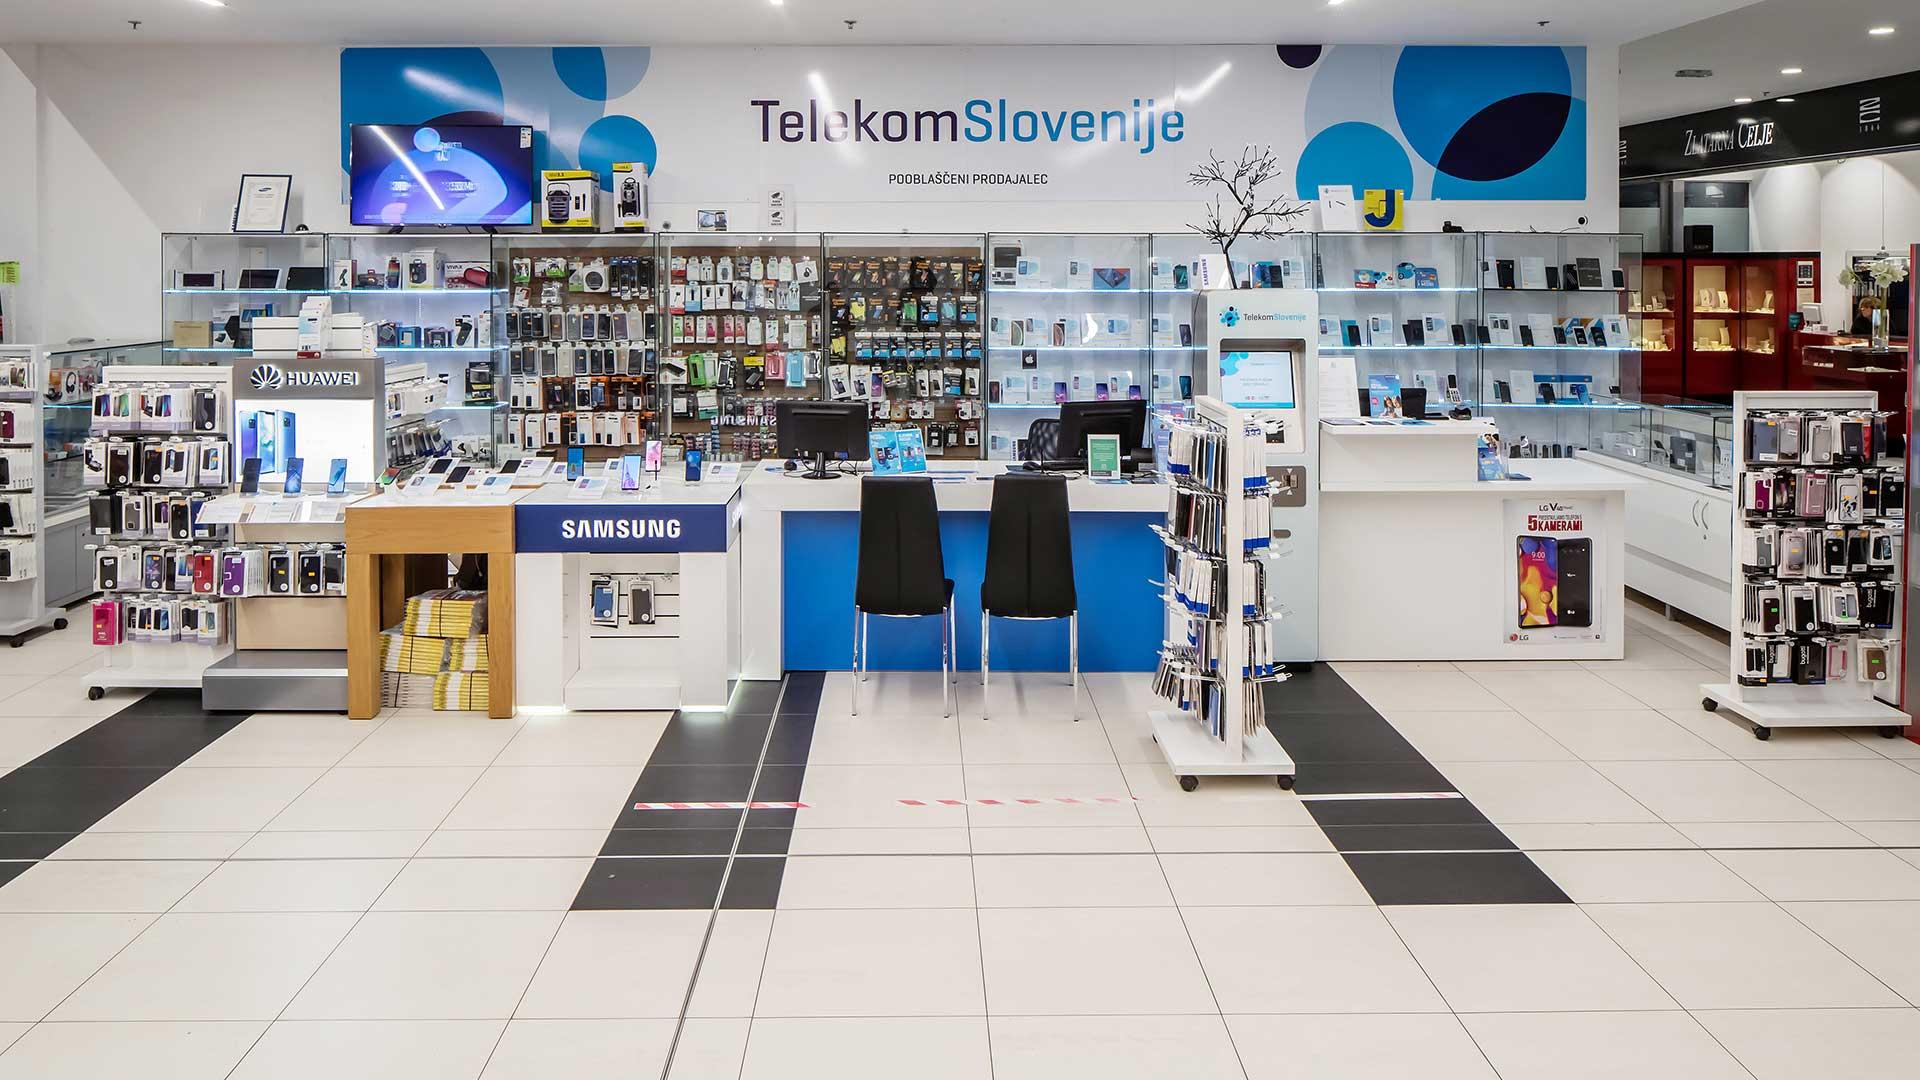 Pal Media, pooblaščeni prodajalec Telekom Slovenija